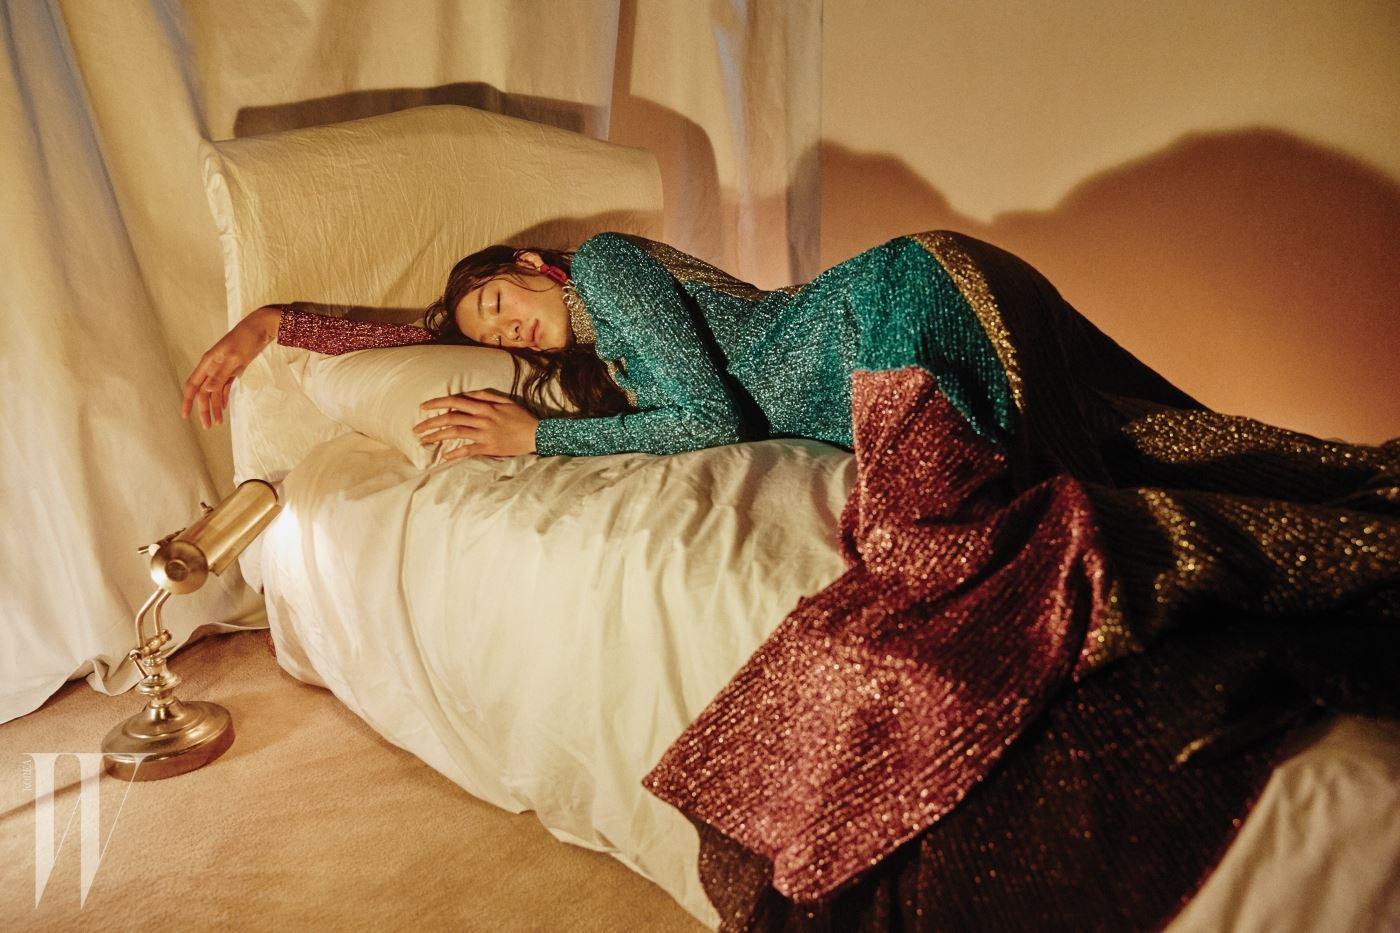 조형적인 패턴이 담긴 메탈릭 드레스는 Kye, 와이어 귀고리는 SJYP 제품.